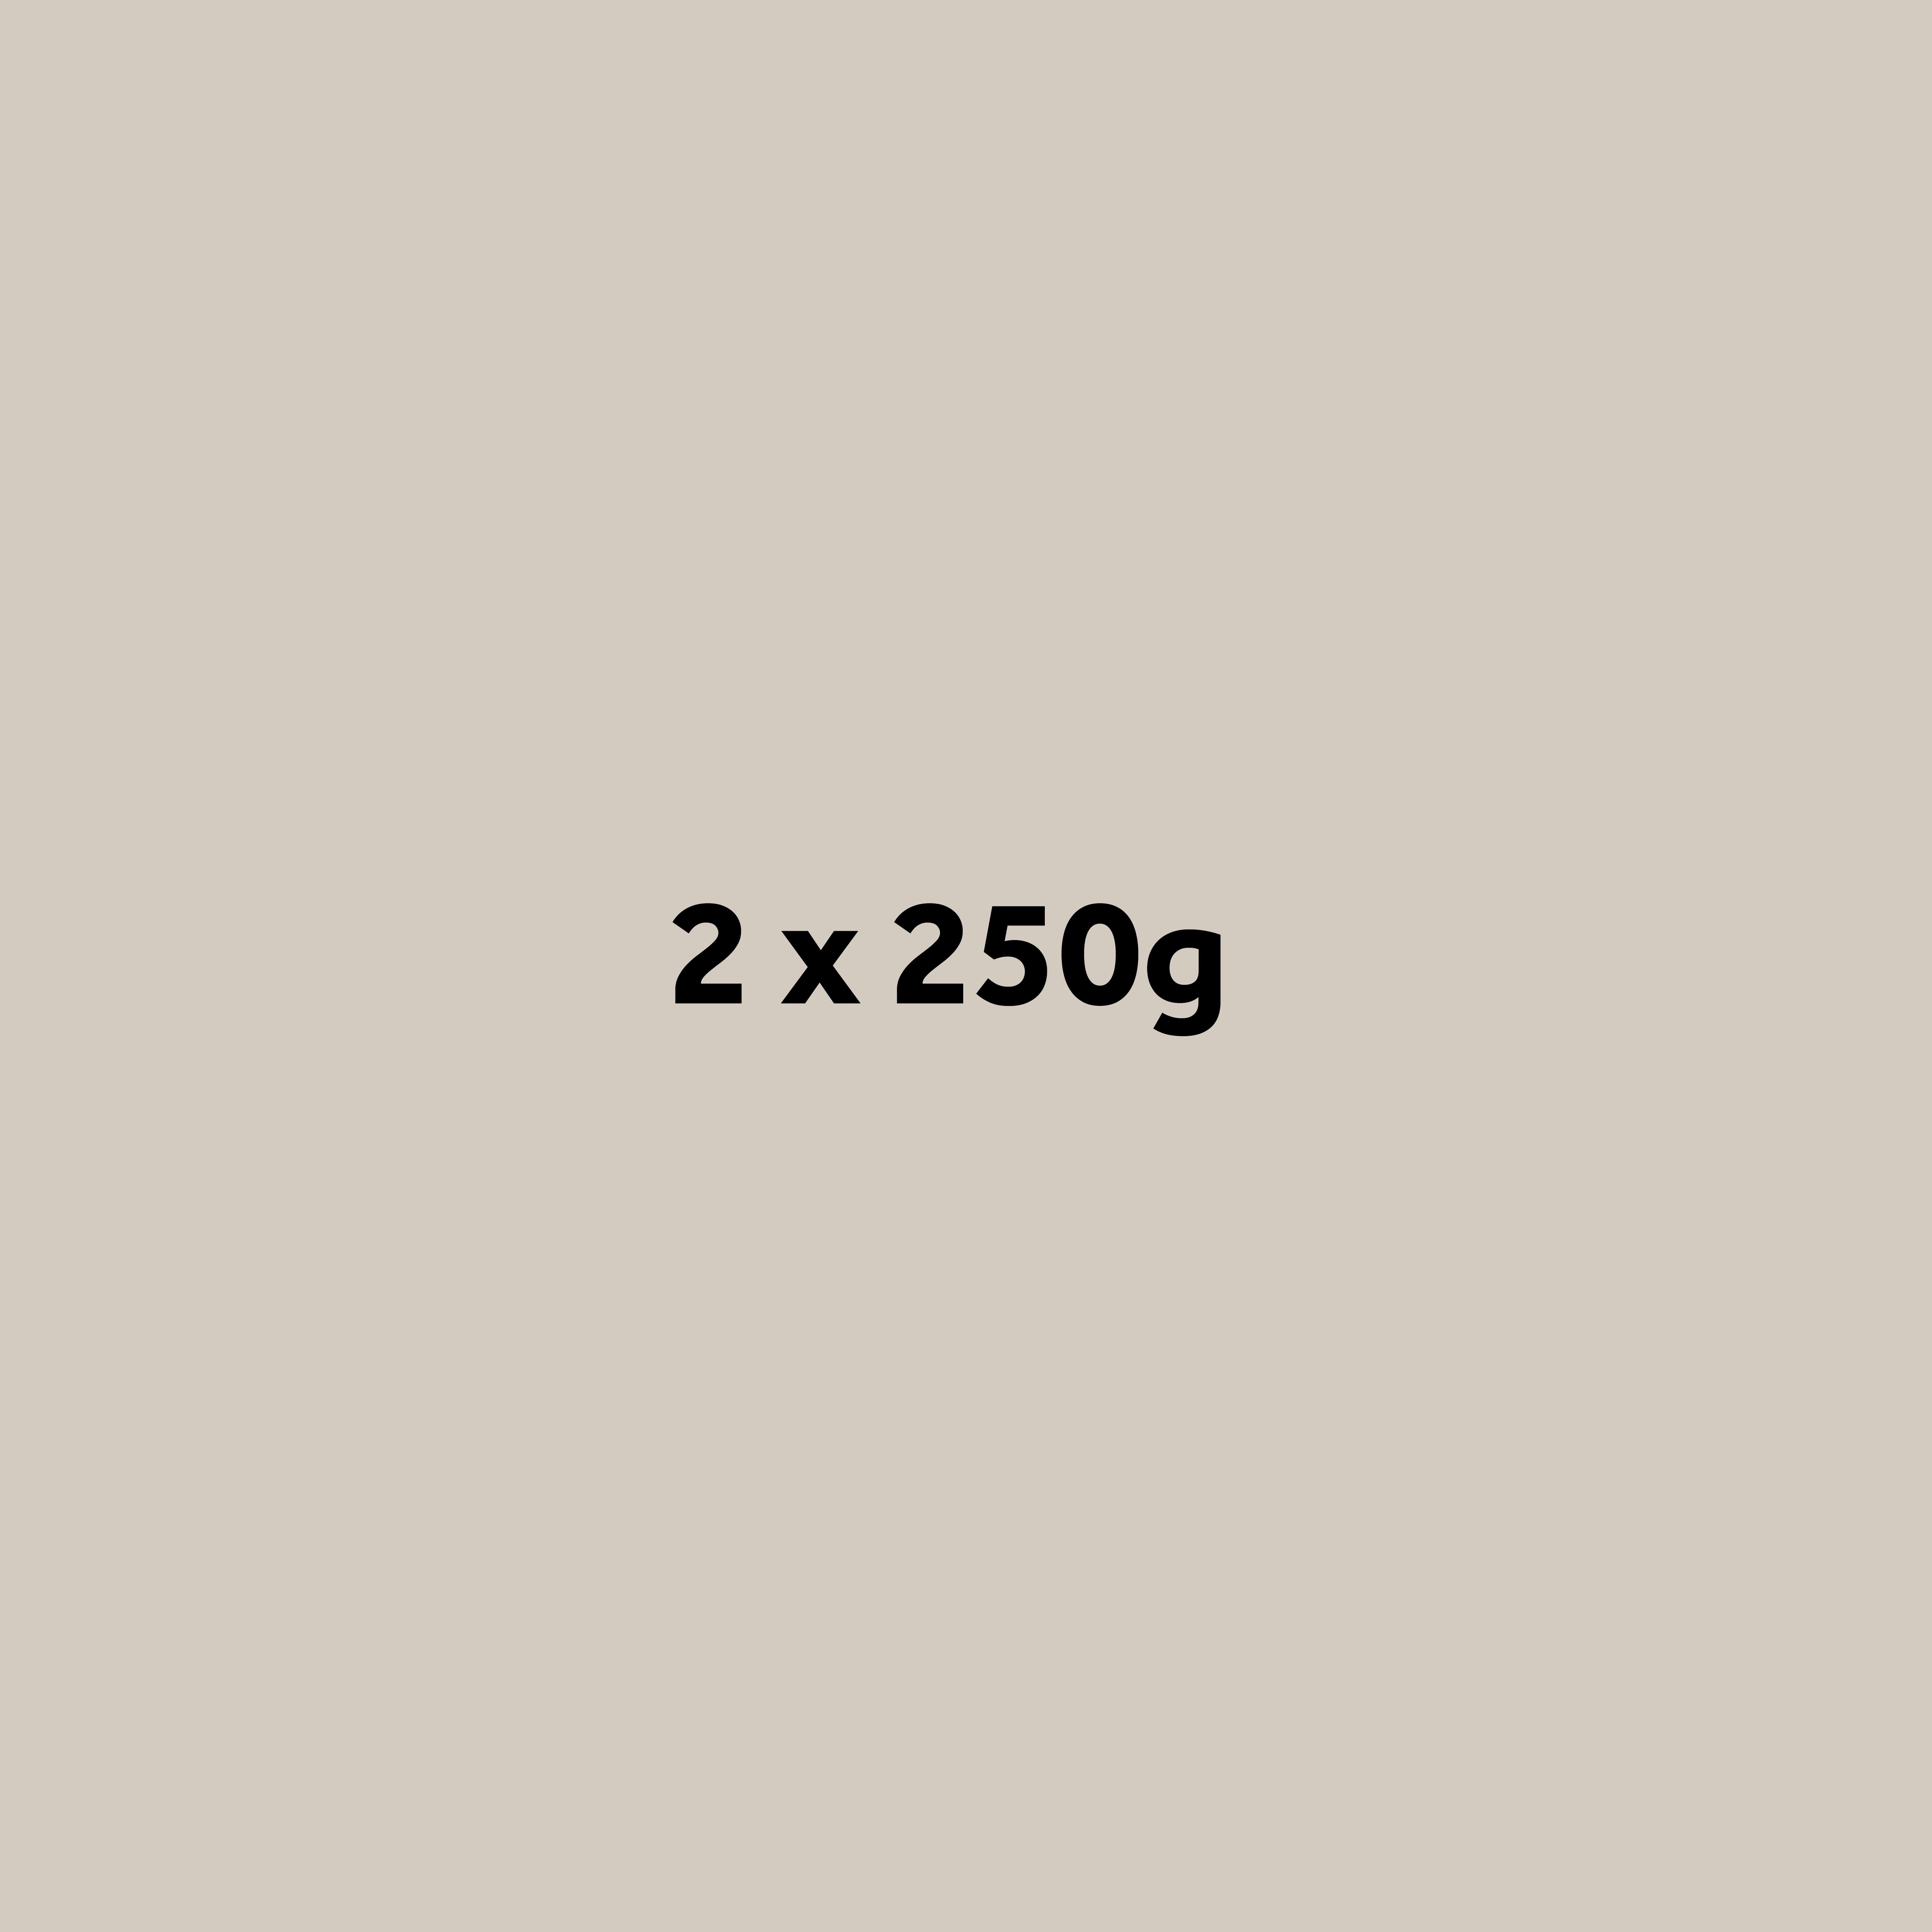 2 x 250g